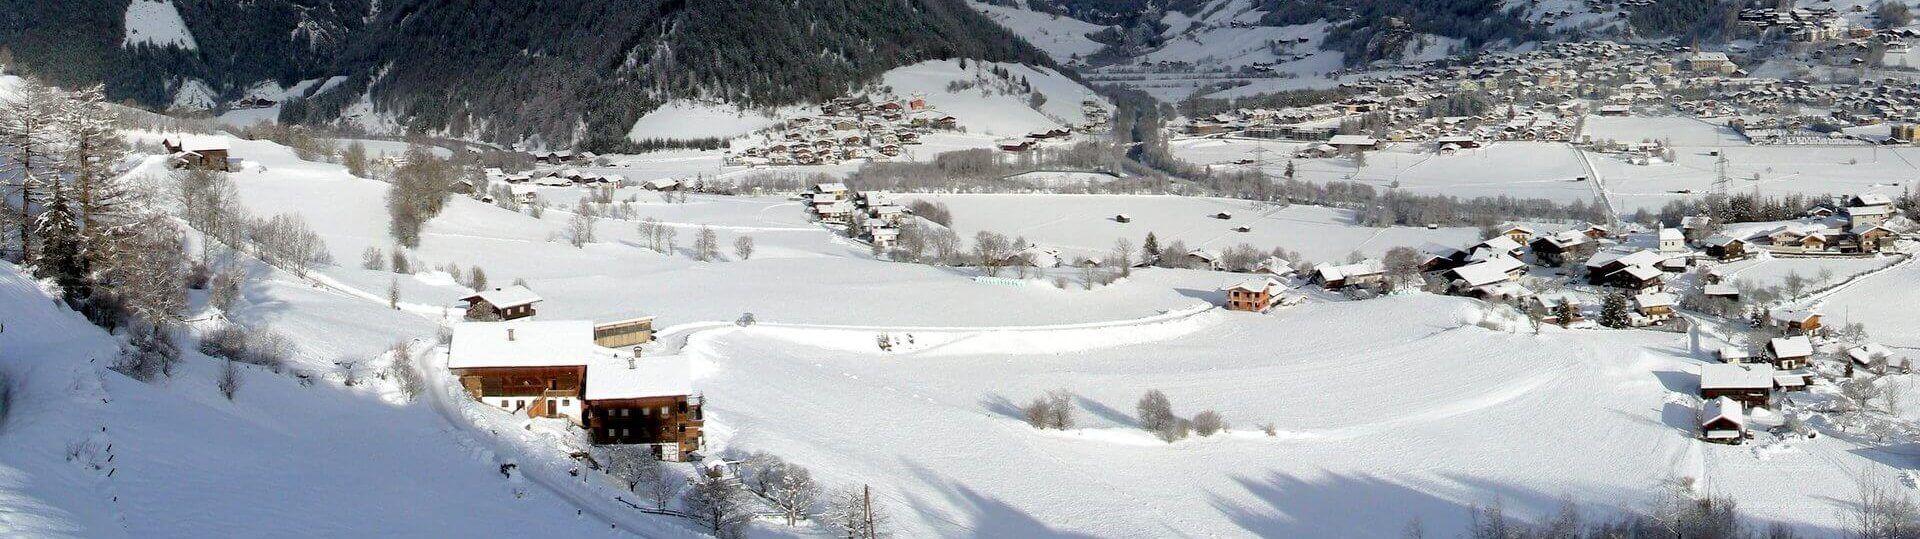 Matrei in Osttirol   Unser Erlebnisurlaub in Osttirol - Österreich